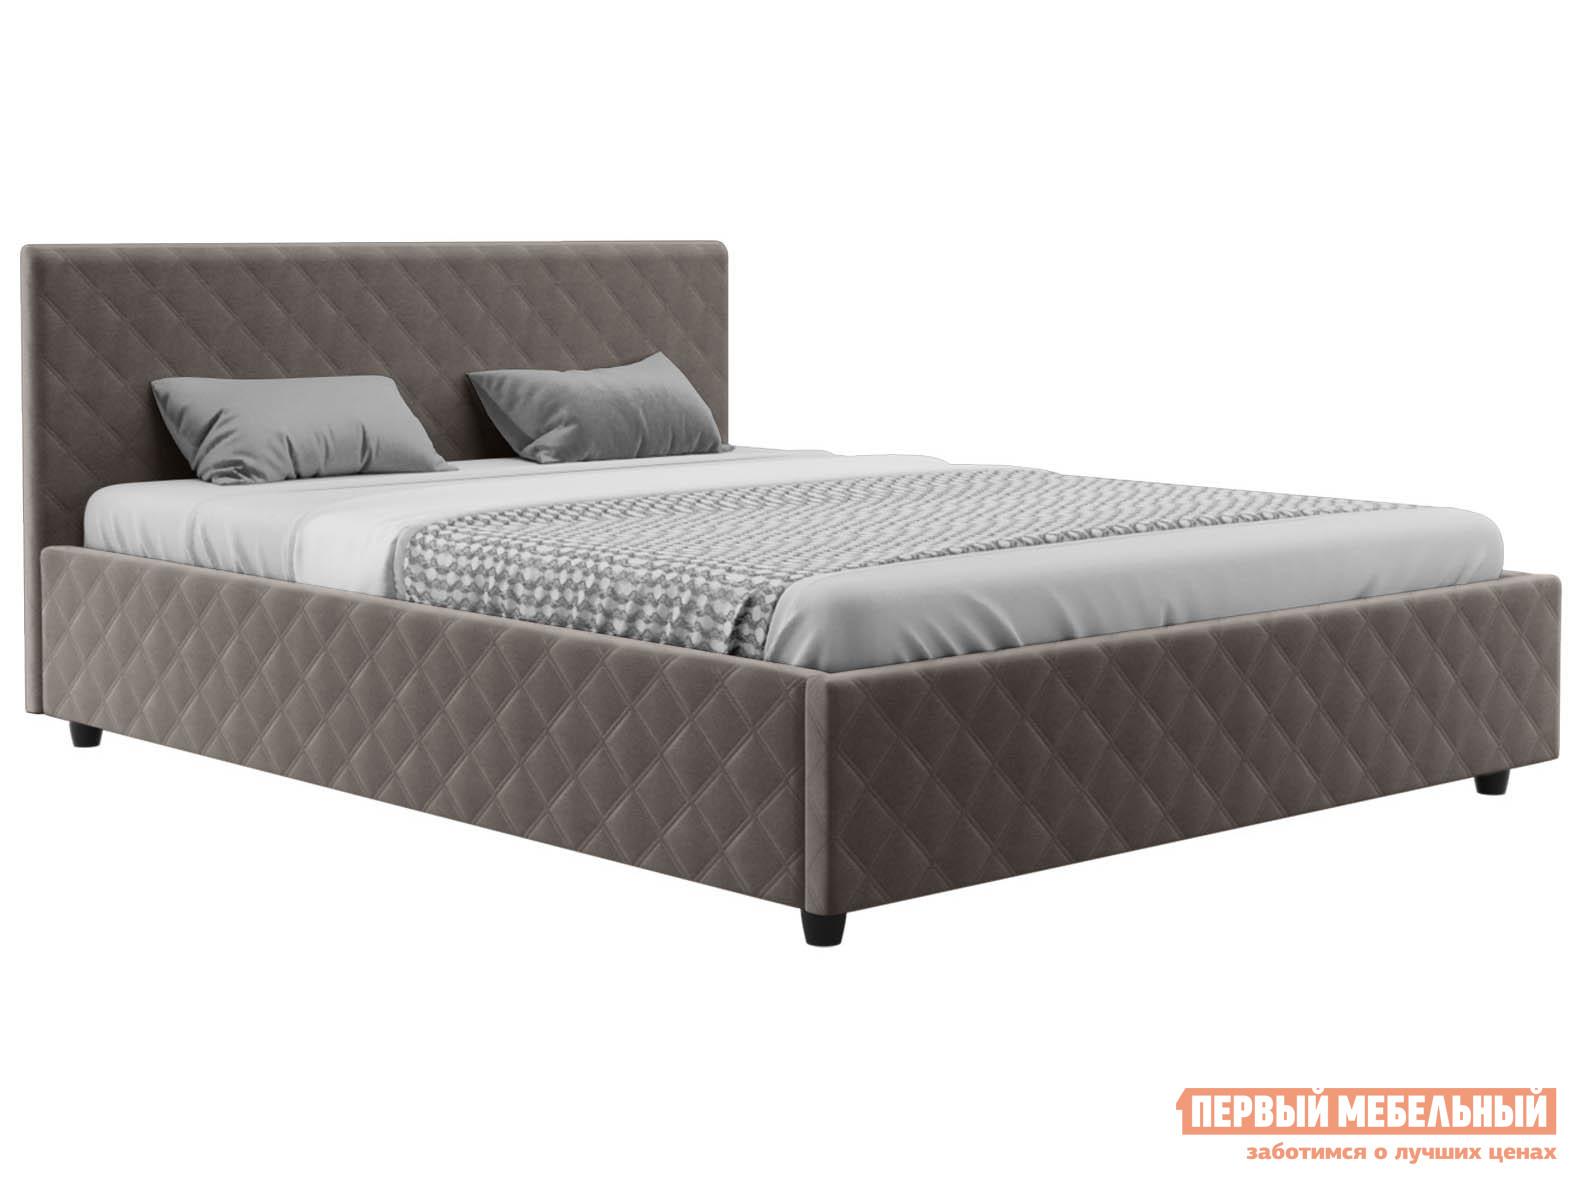 Двуспальная кровать  Франк ПМ Графит, велюр, 160х200 см